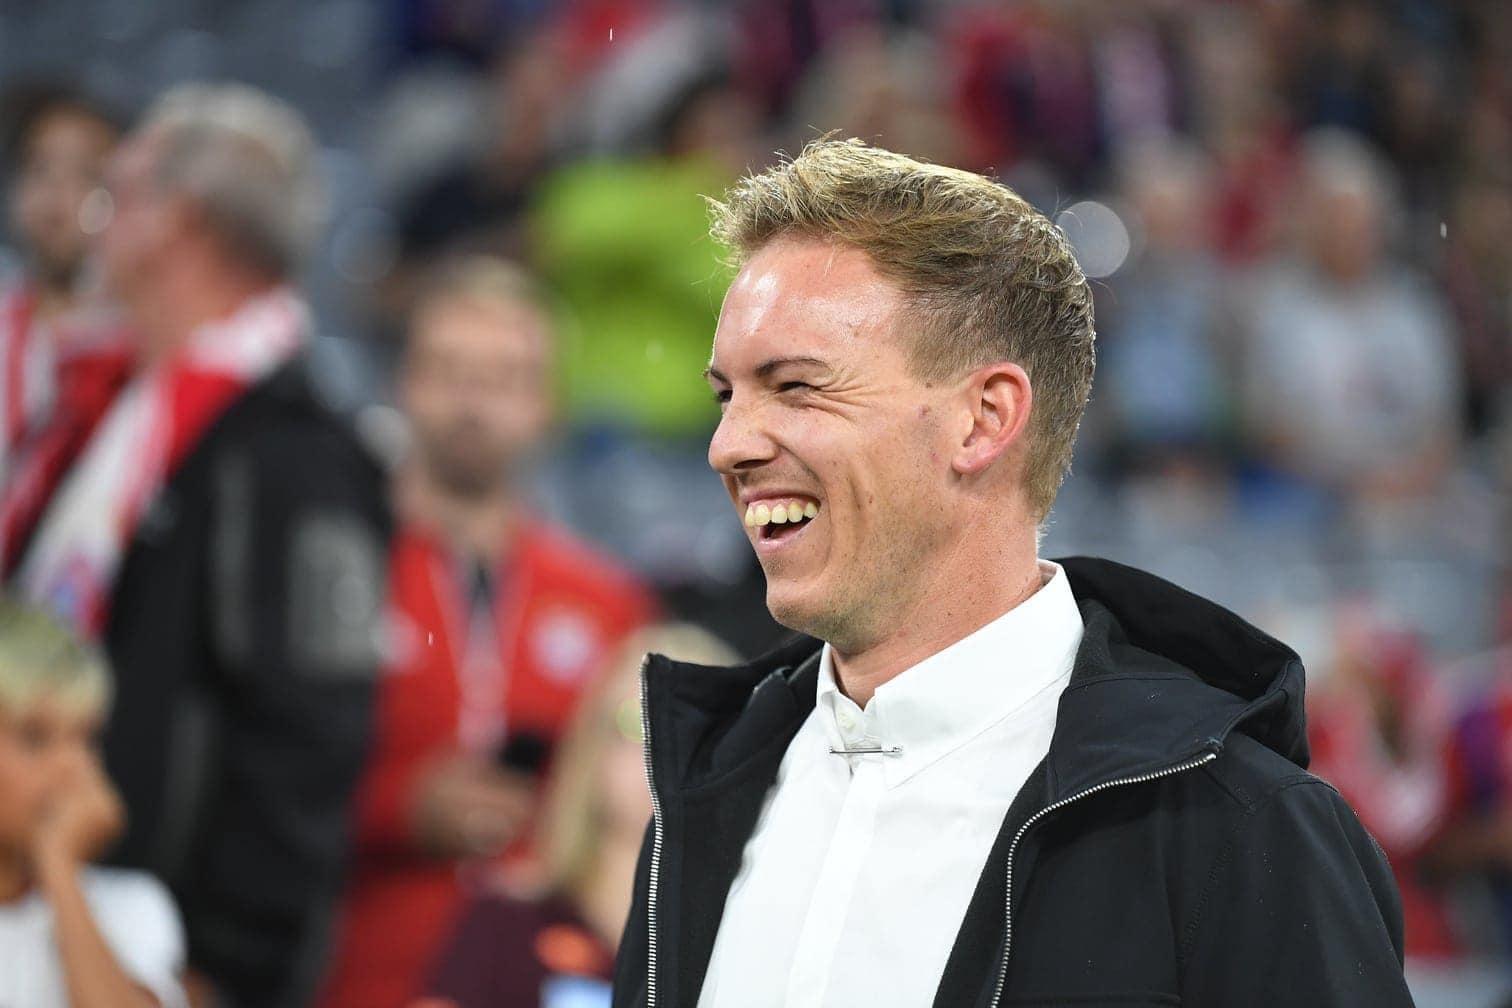 <p>1899-Trainer Julian Nagelsmann hat beim Bundesliga-Auftakt mit seinen Hoffenheimern am Freitagabend in München mit ungewöhnlichem Outfit und Aussehen überrascht.&nbsp;</p> Foto: dpa